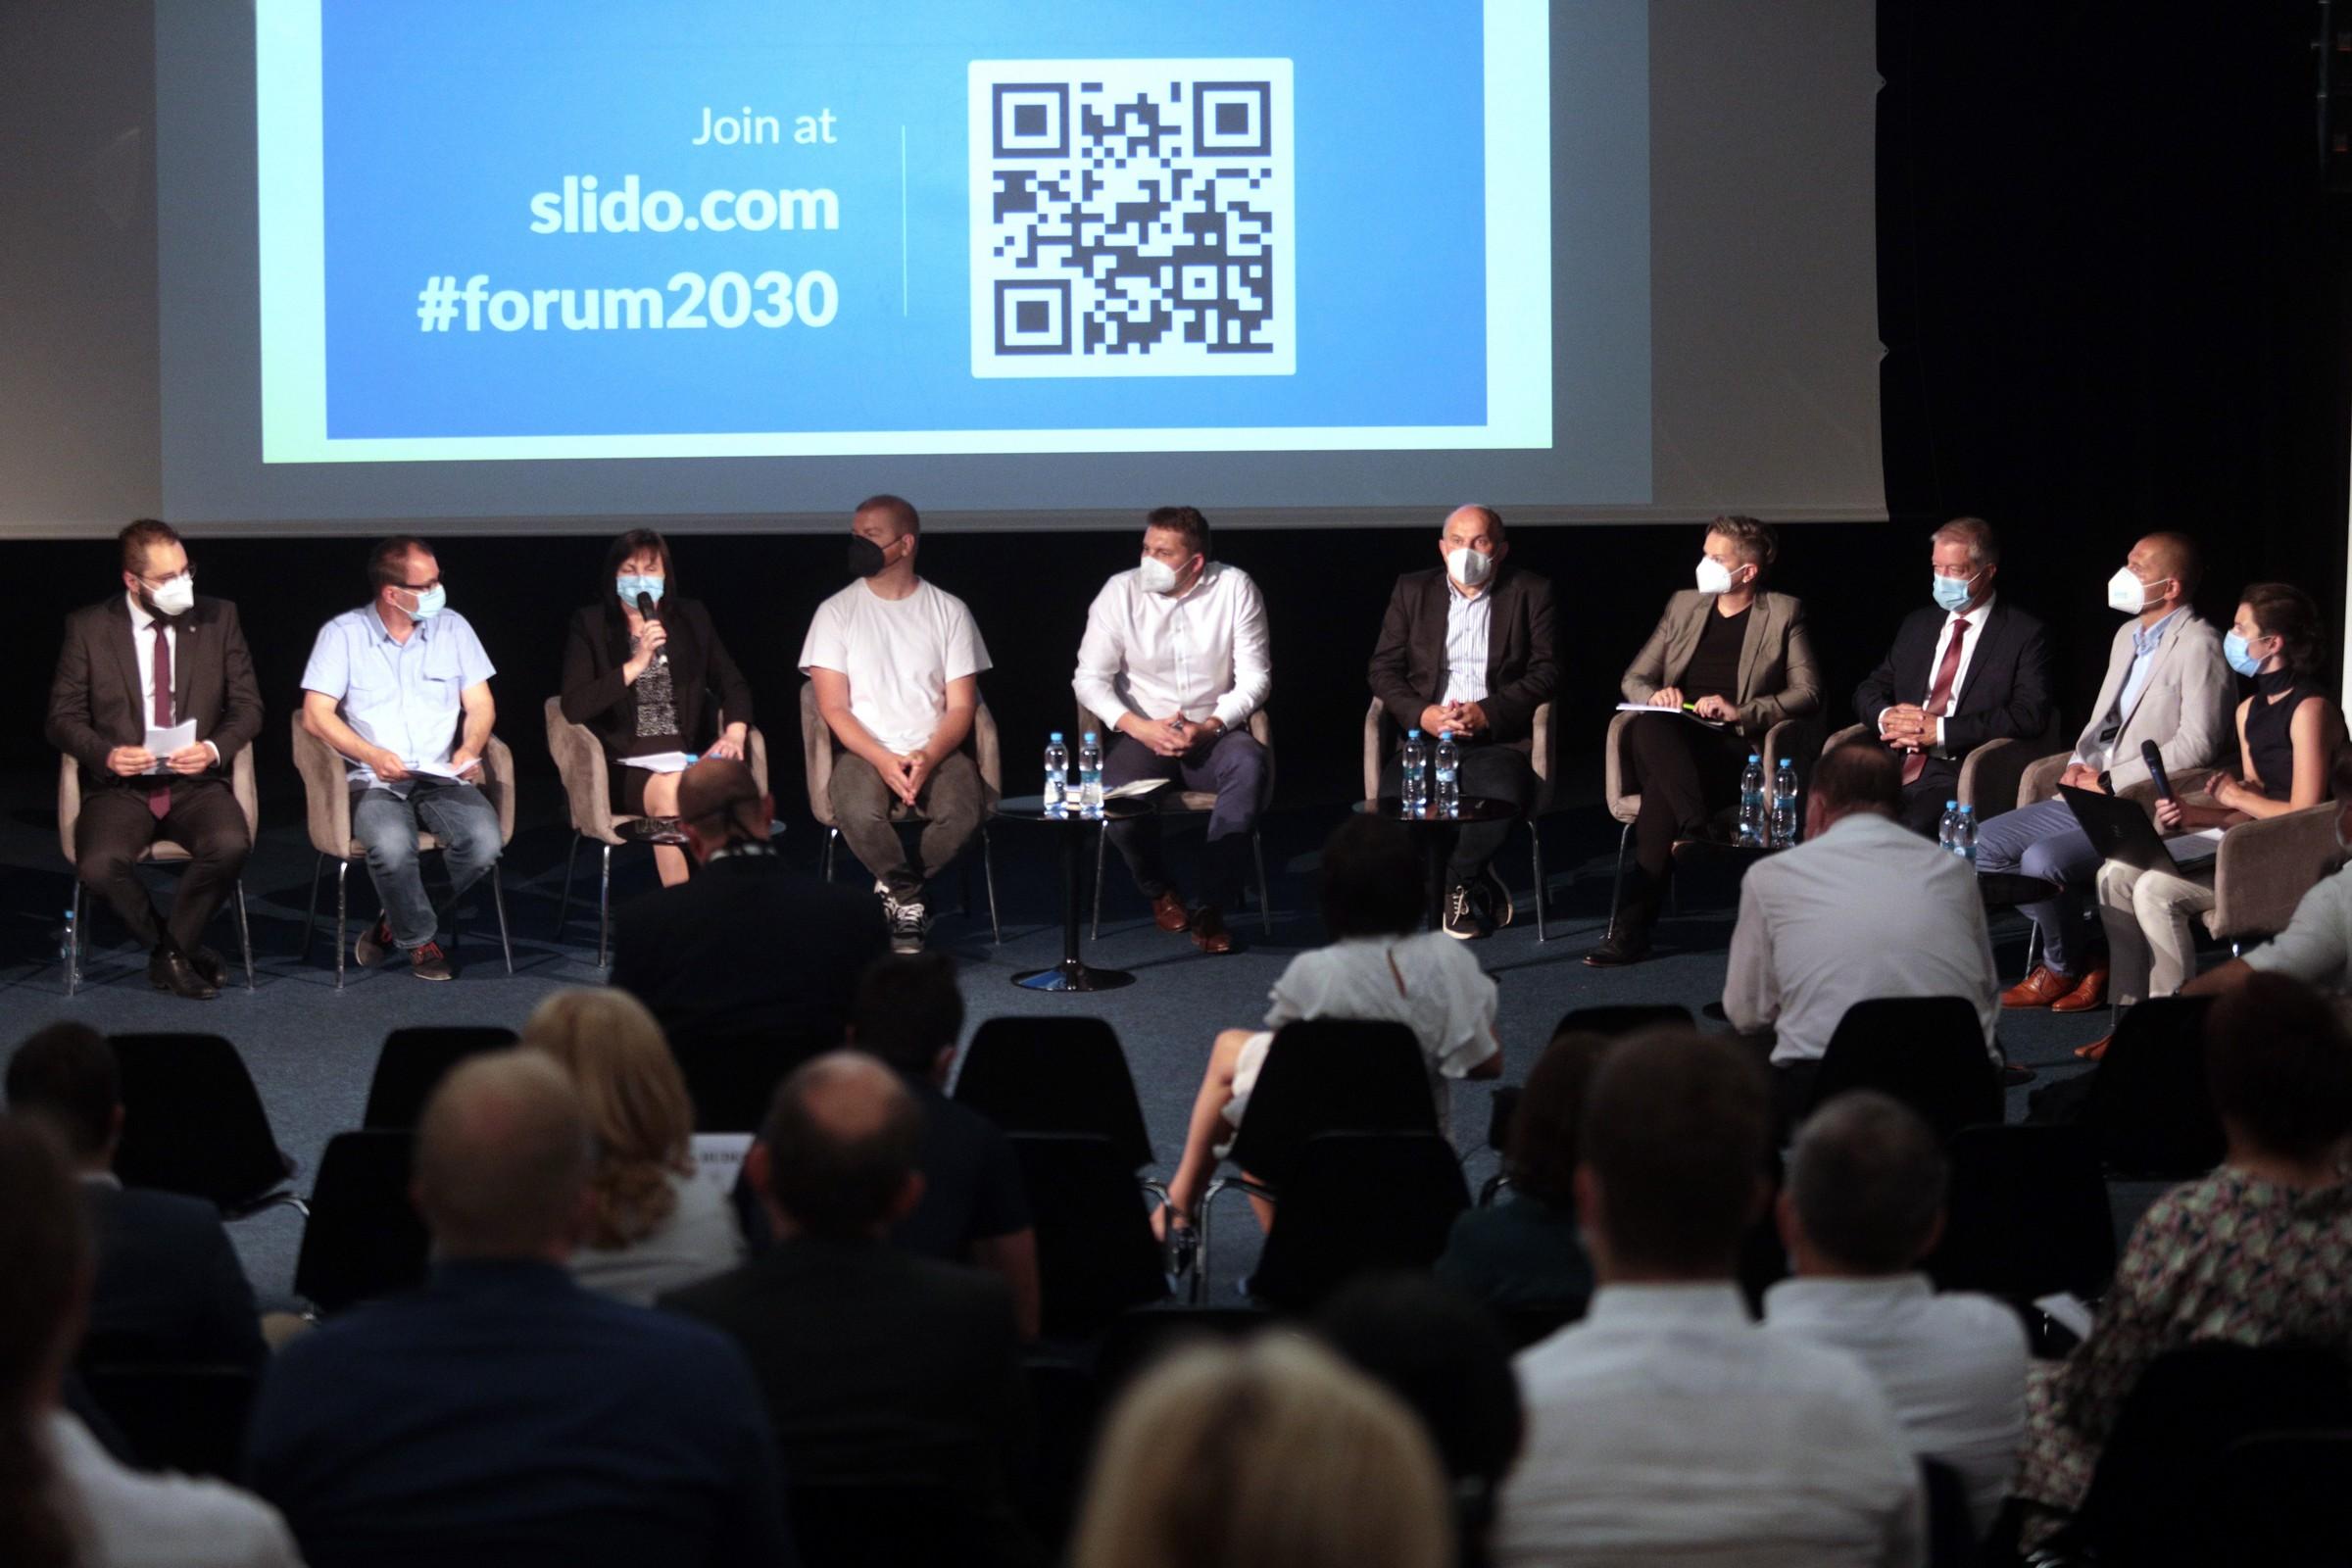 Forum203020